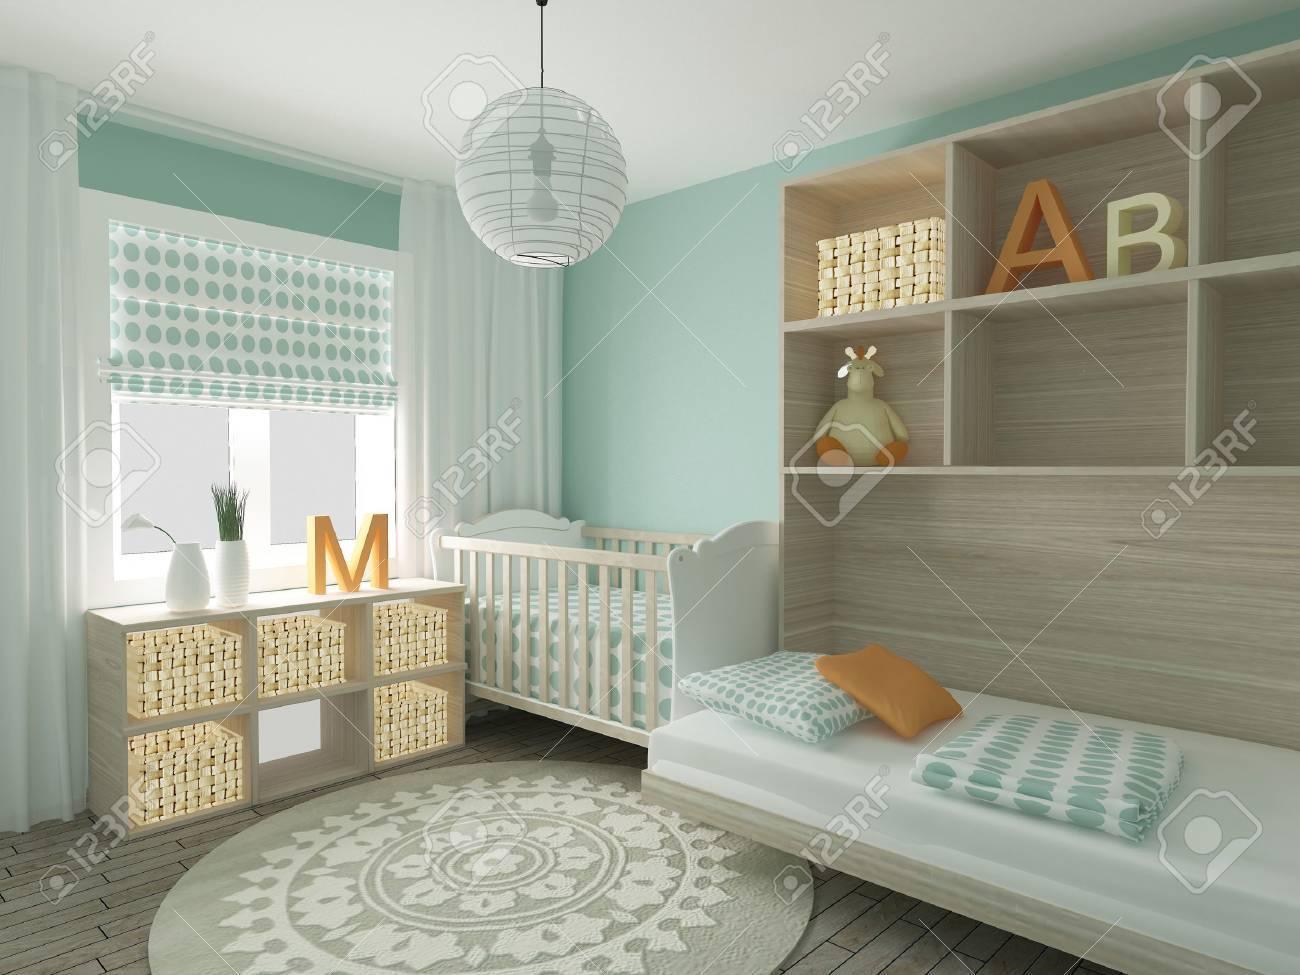 Baby room interior, 3d render - 44198979